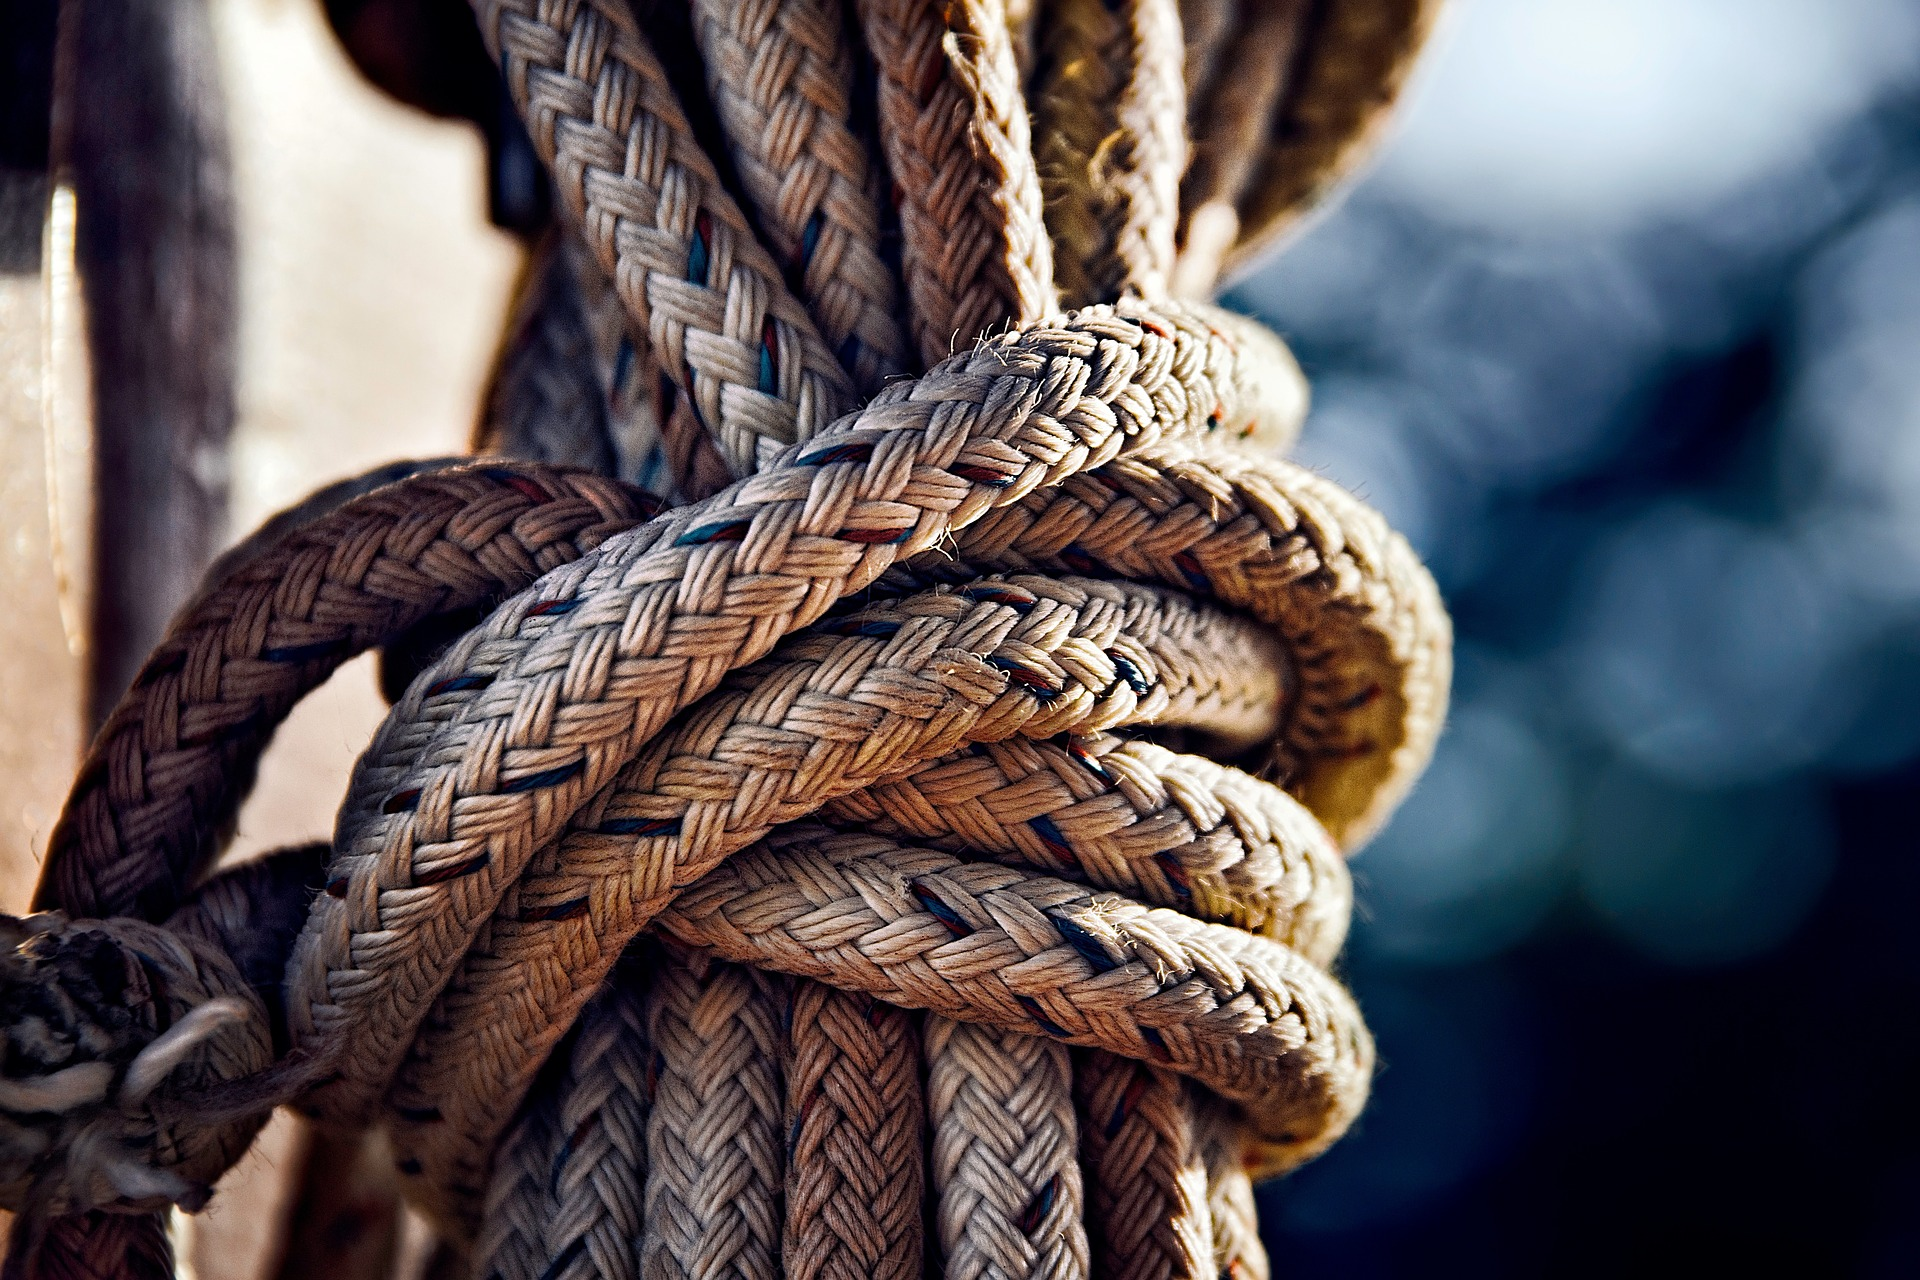 Il salto della corda nella discopatia lombare Pfirmann 16?